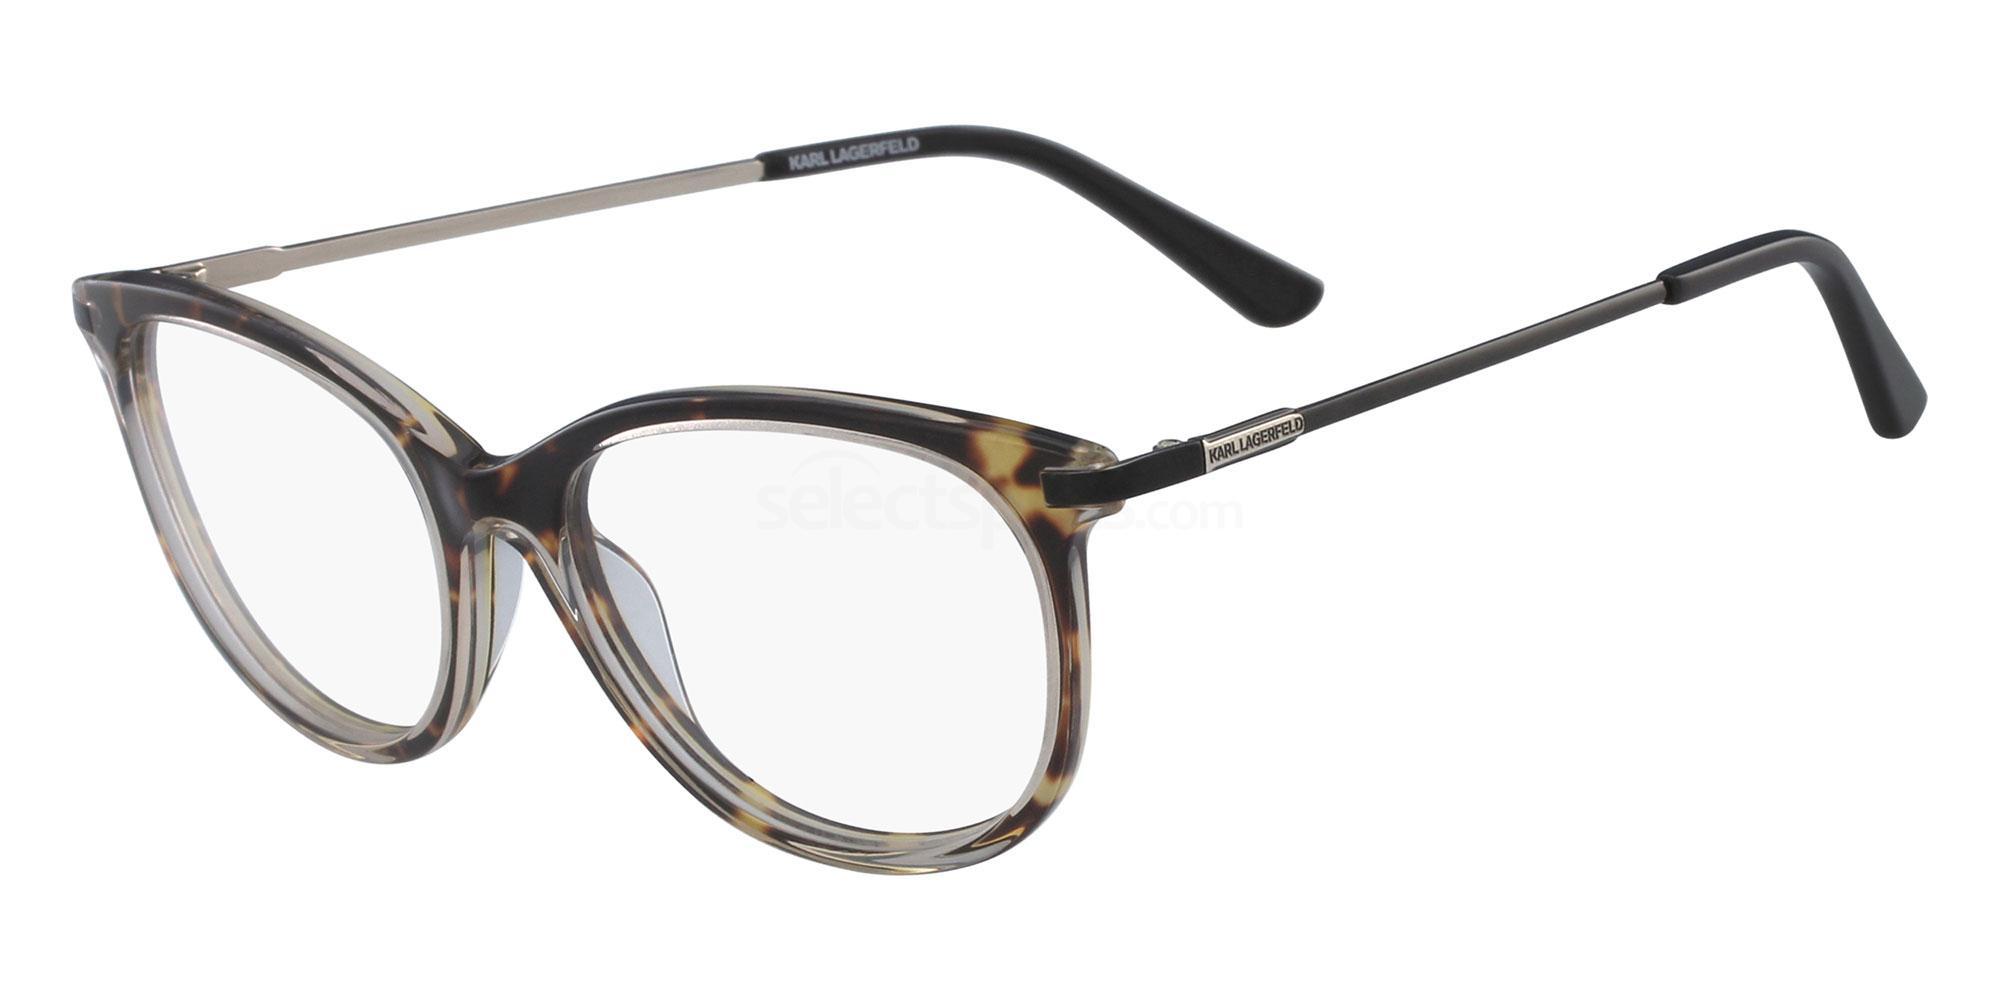 001 KL965 Glasses, Karl Lagerfeld